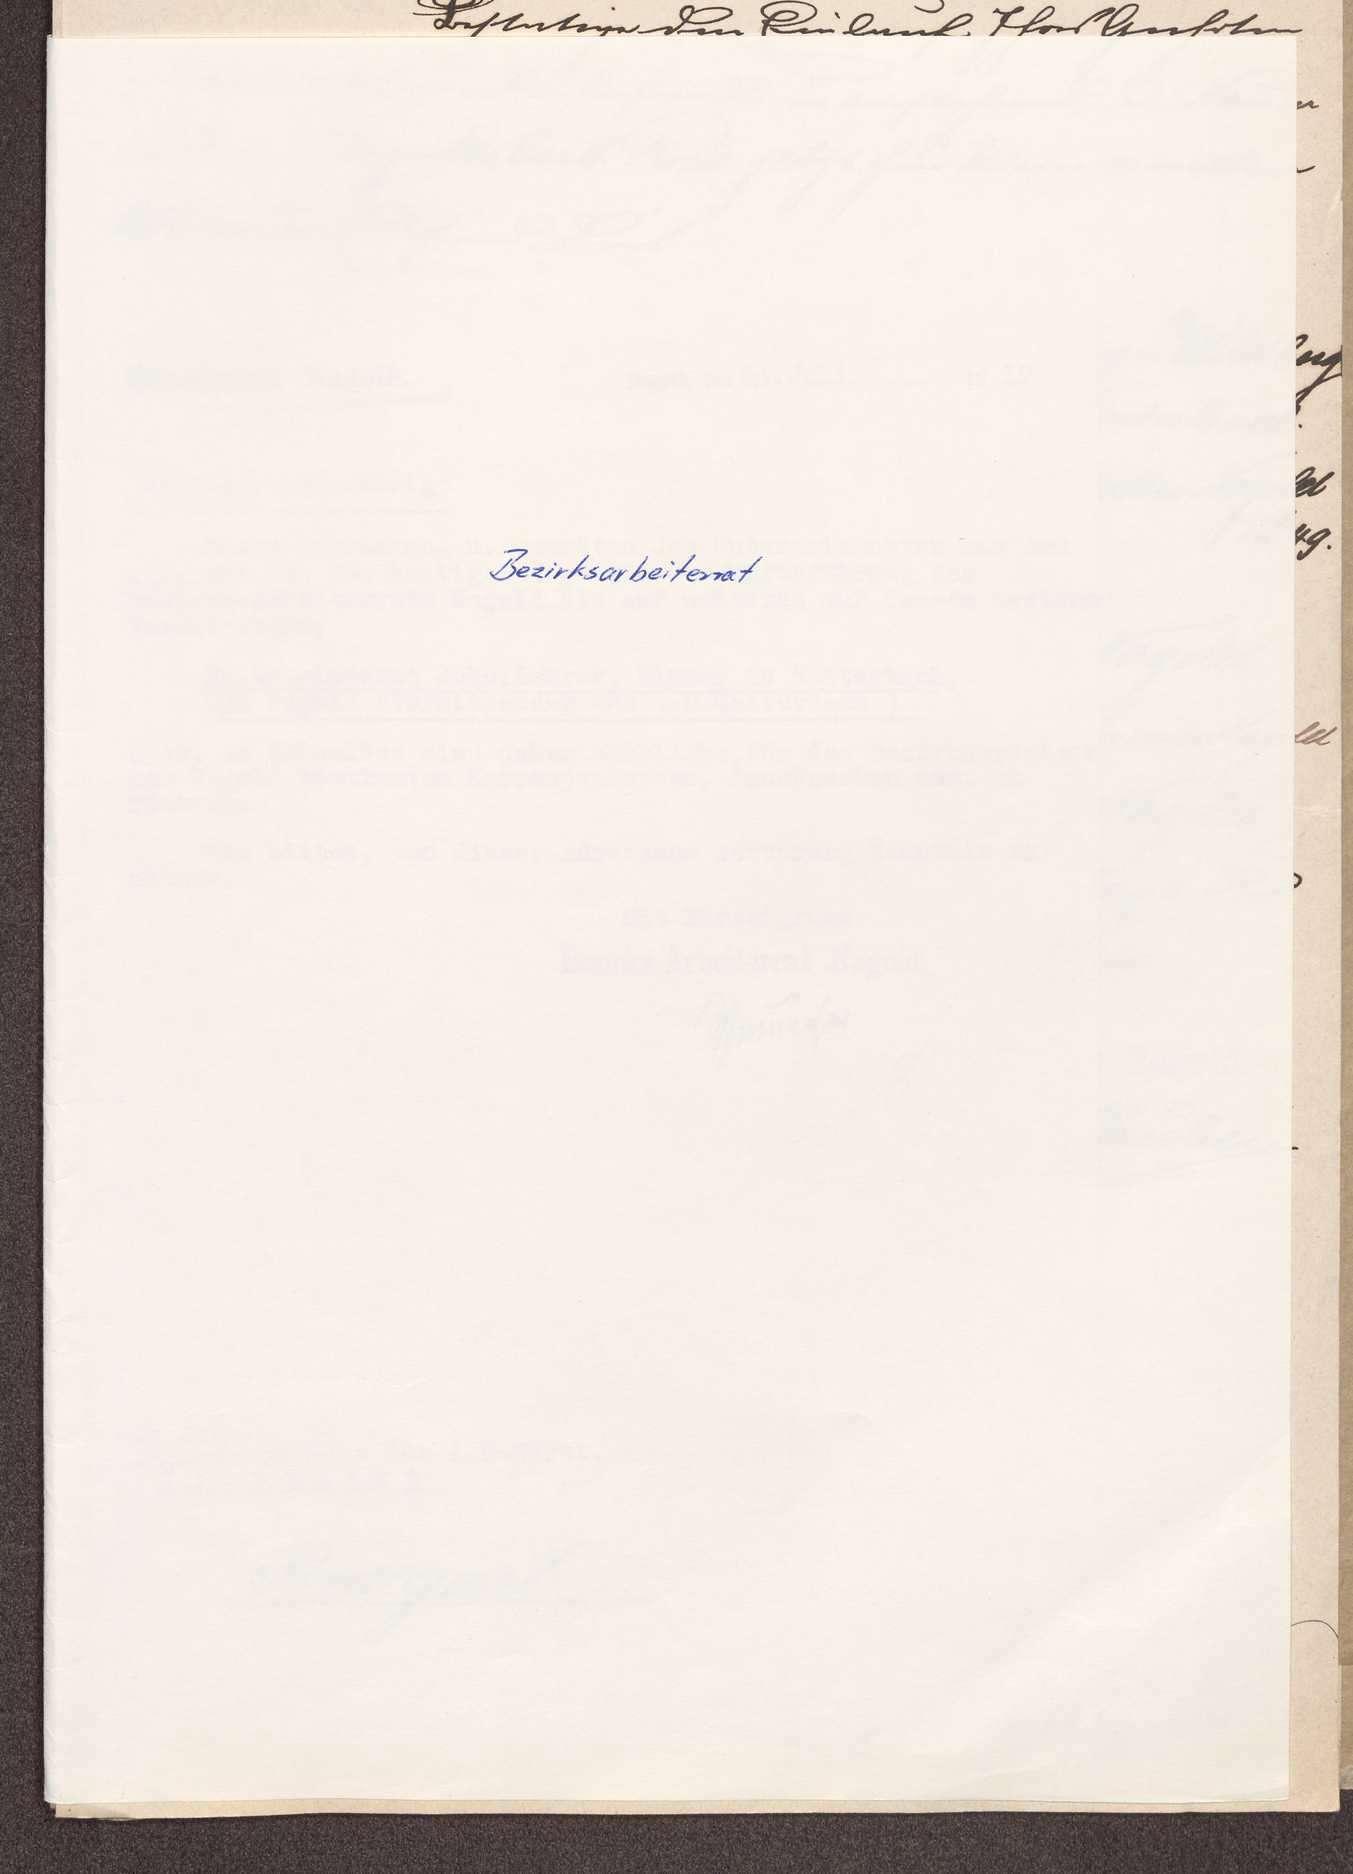 Wahl, Zusammensetzung und Auflösung der Arbeiter- und Bauernräte im Oberamt Nagold, Bild 1